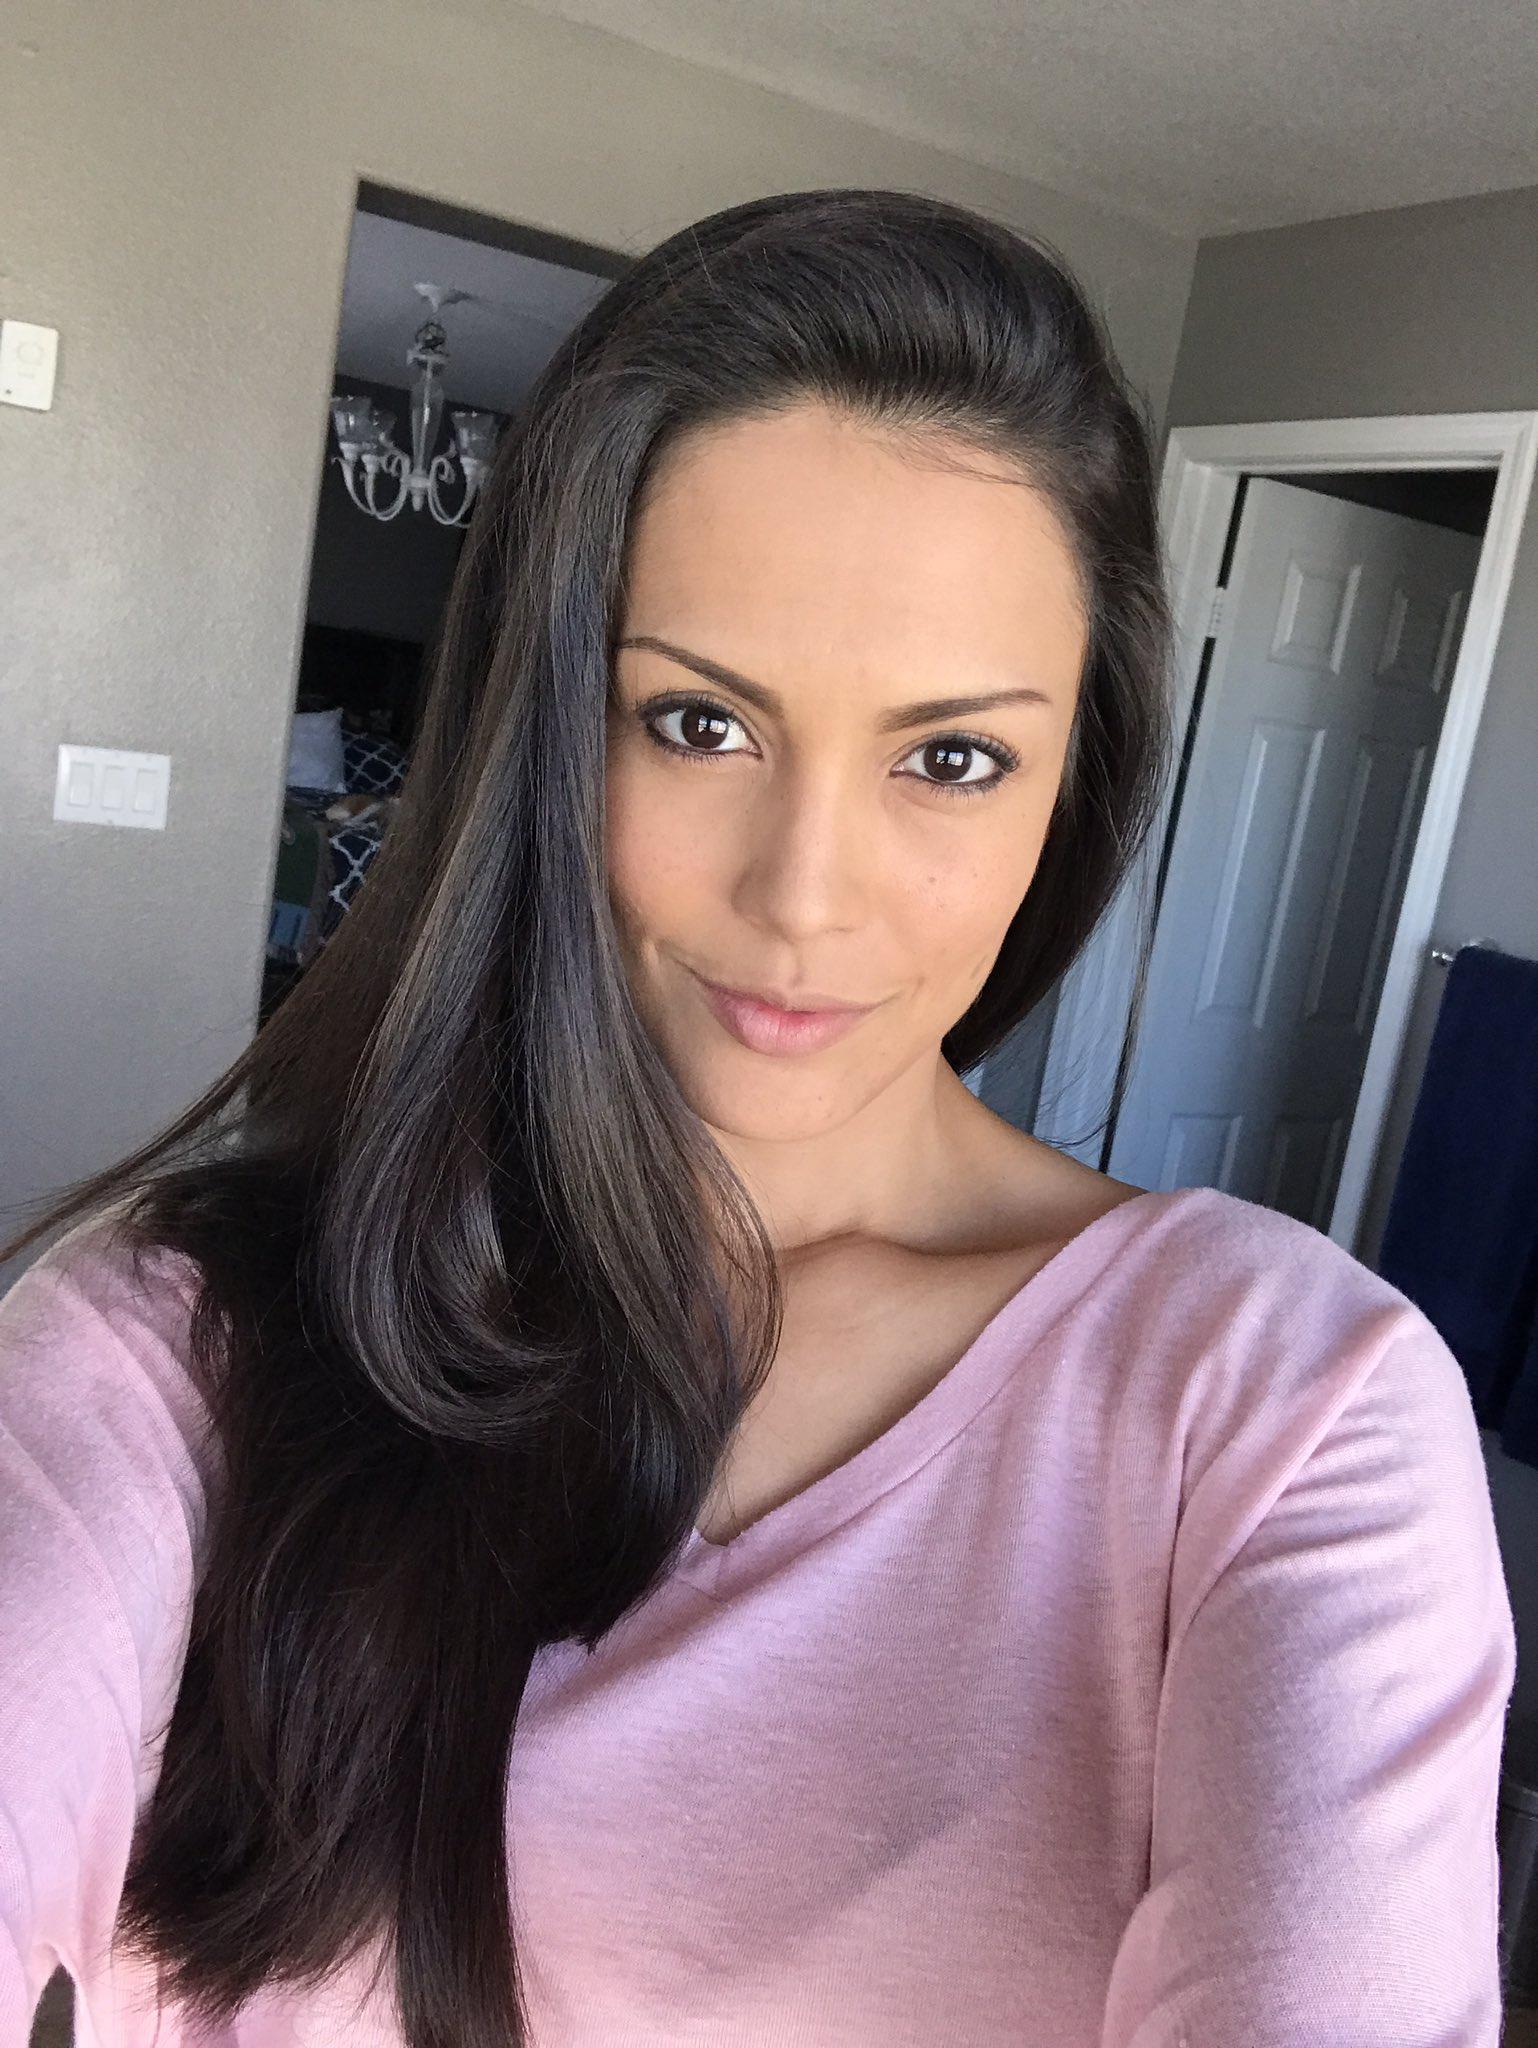 Raquel Pomplun naked (51 fotos) Sideboobs, Twitter, butt